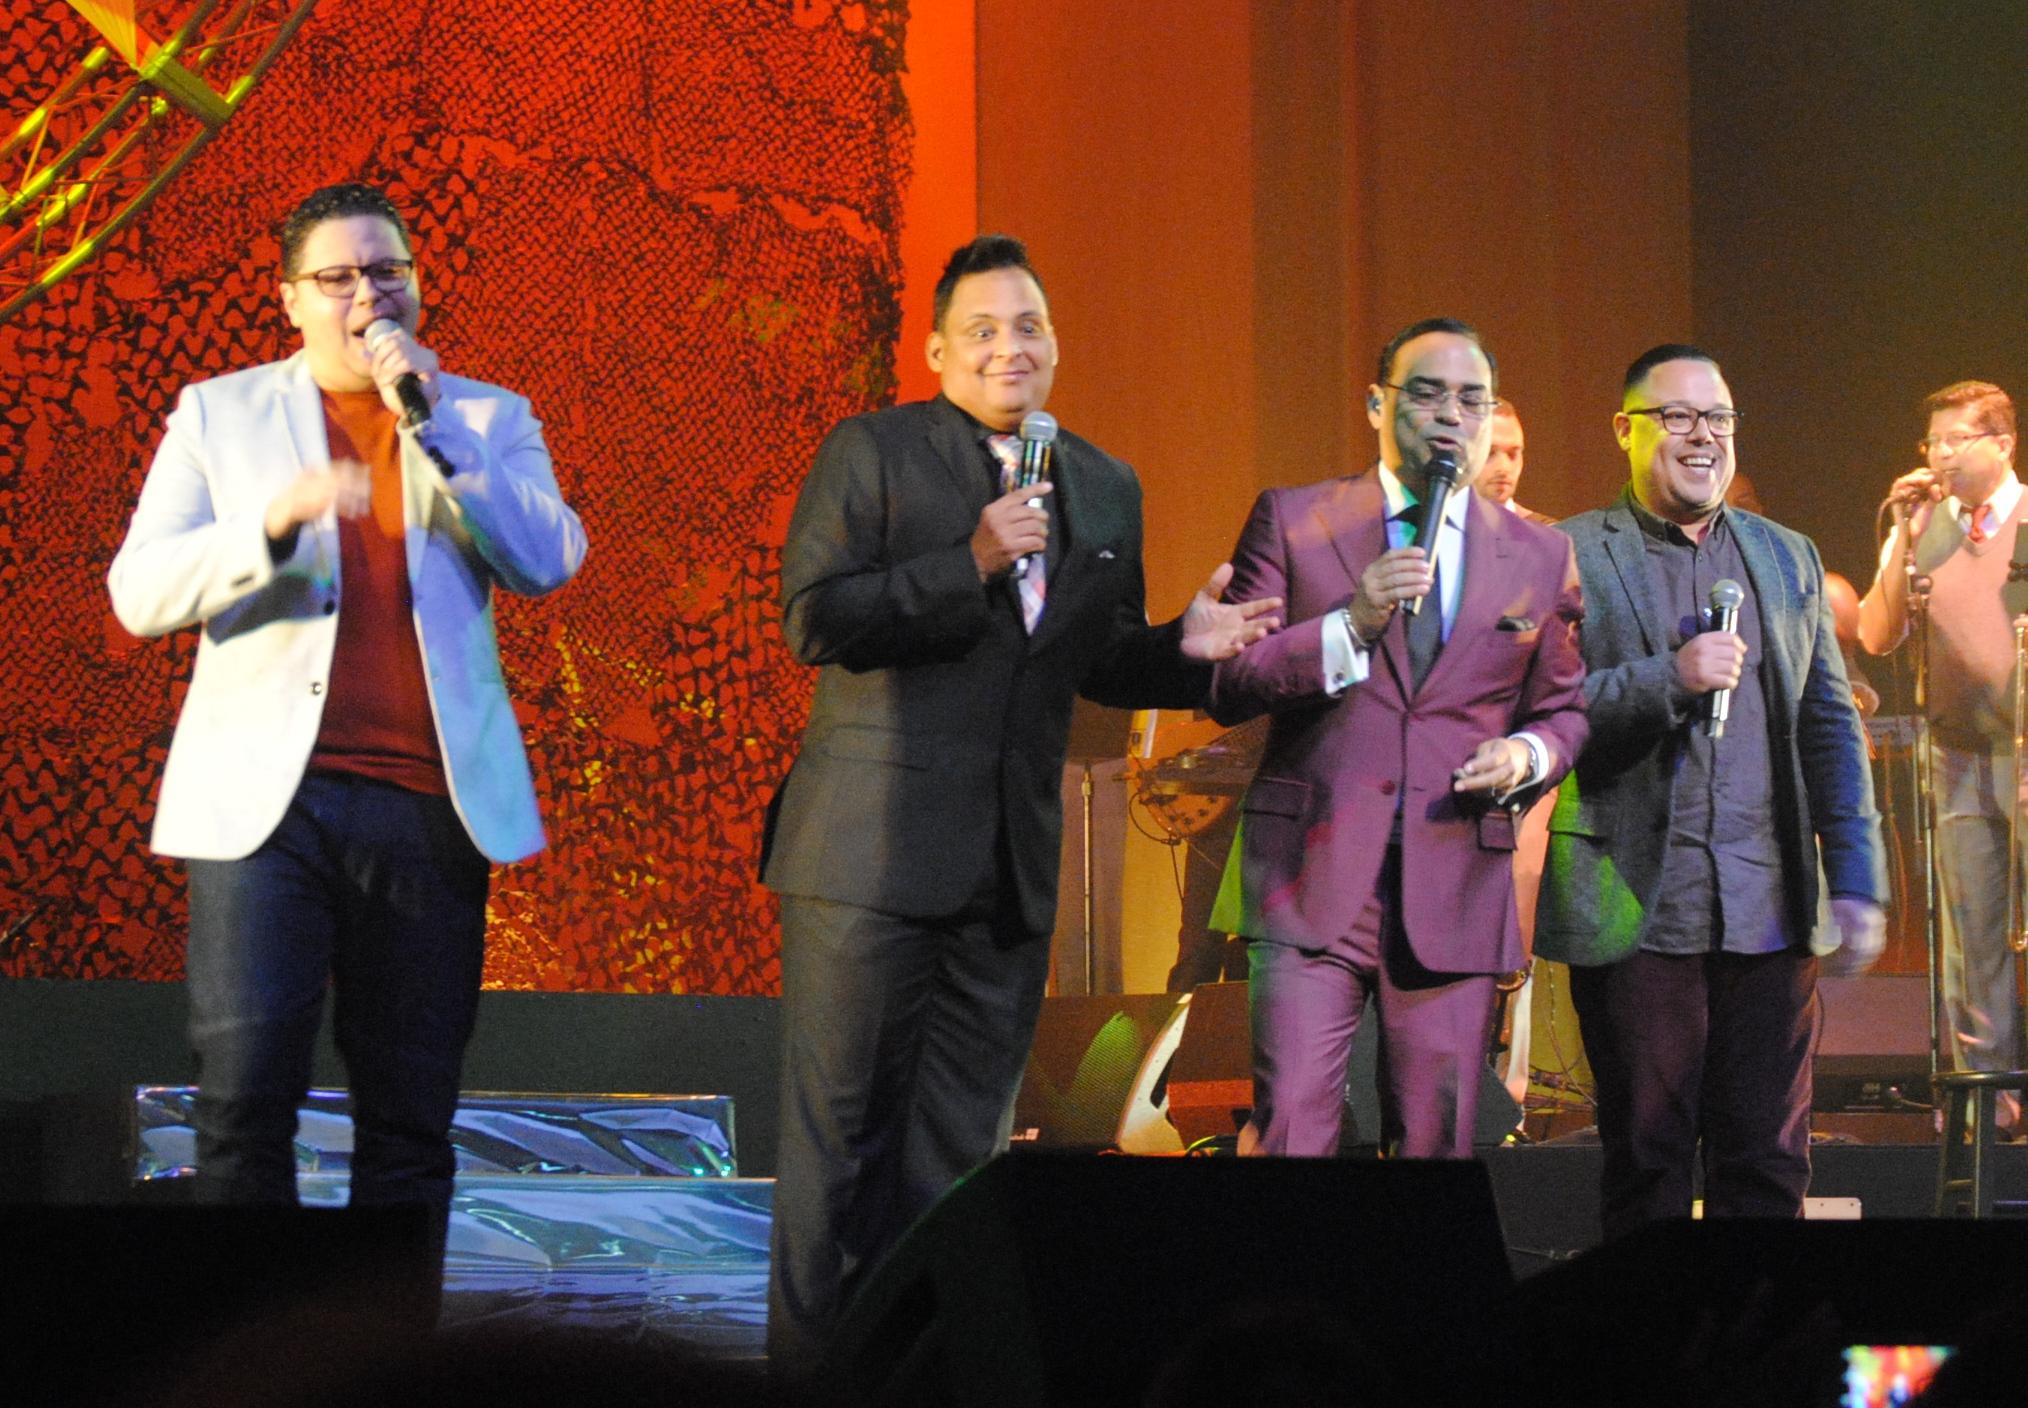 LimiT XXI fueron invitados de Gilberto en el concierto. (Foto Jaime Torres Torres para Fundación Nacional para la Cultura Popular)